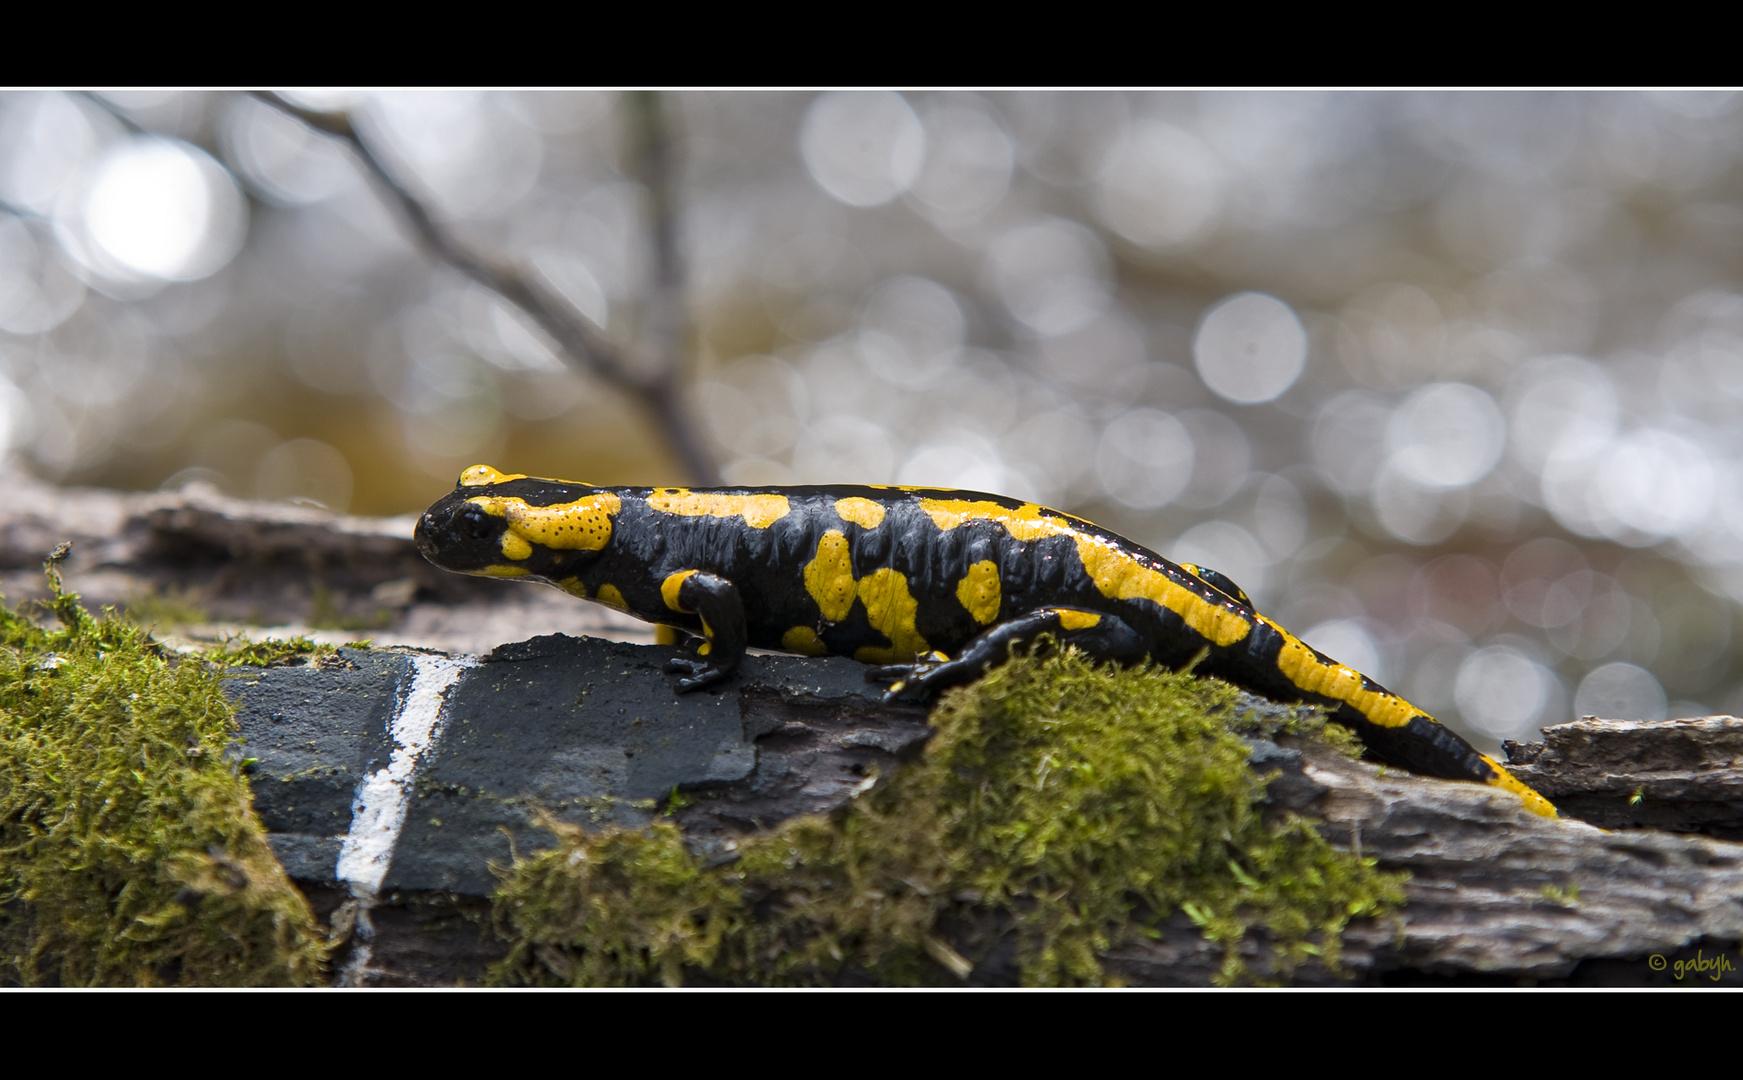 Mein erster Salamander!